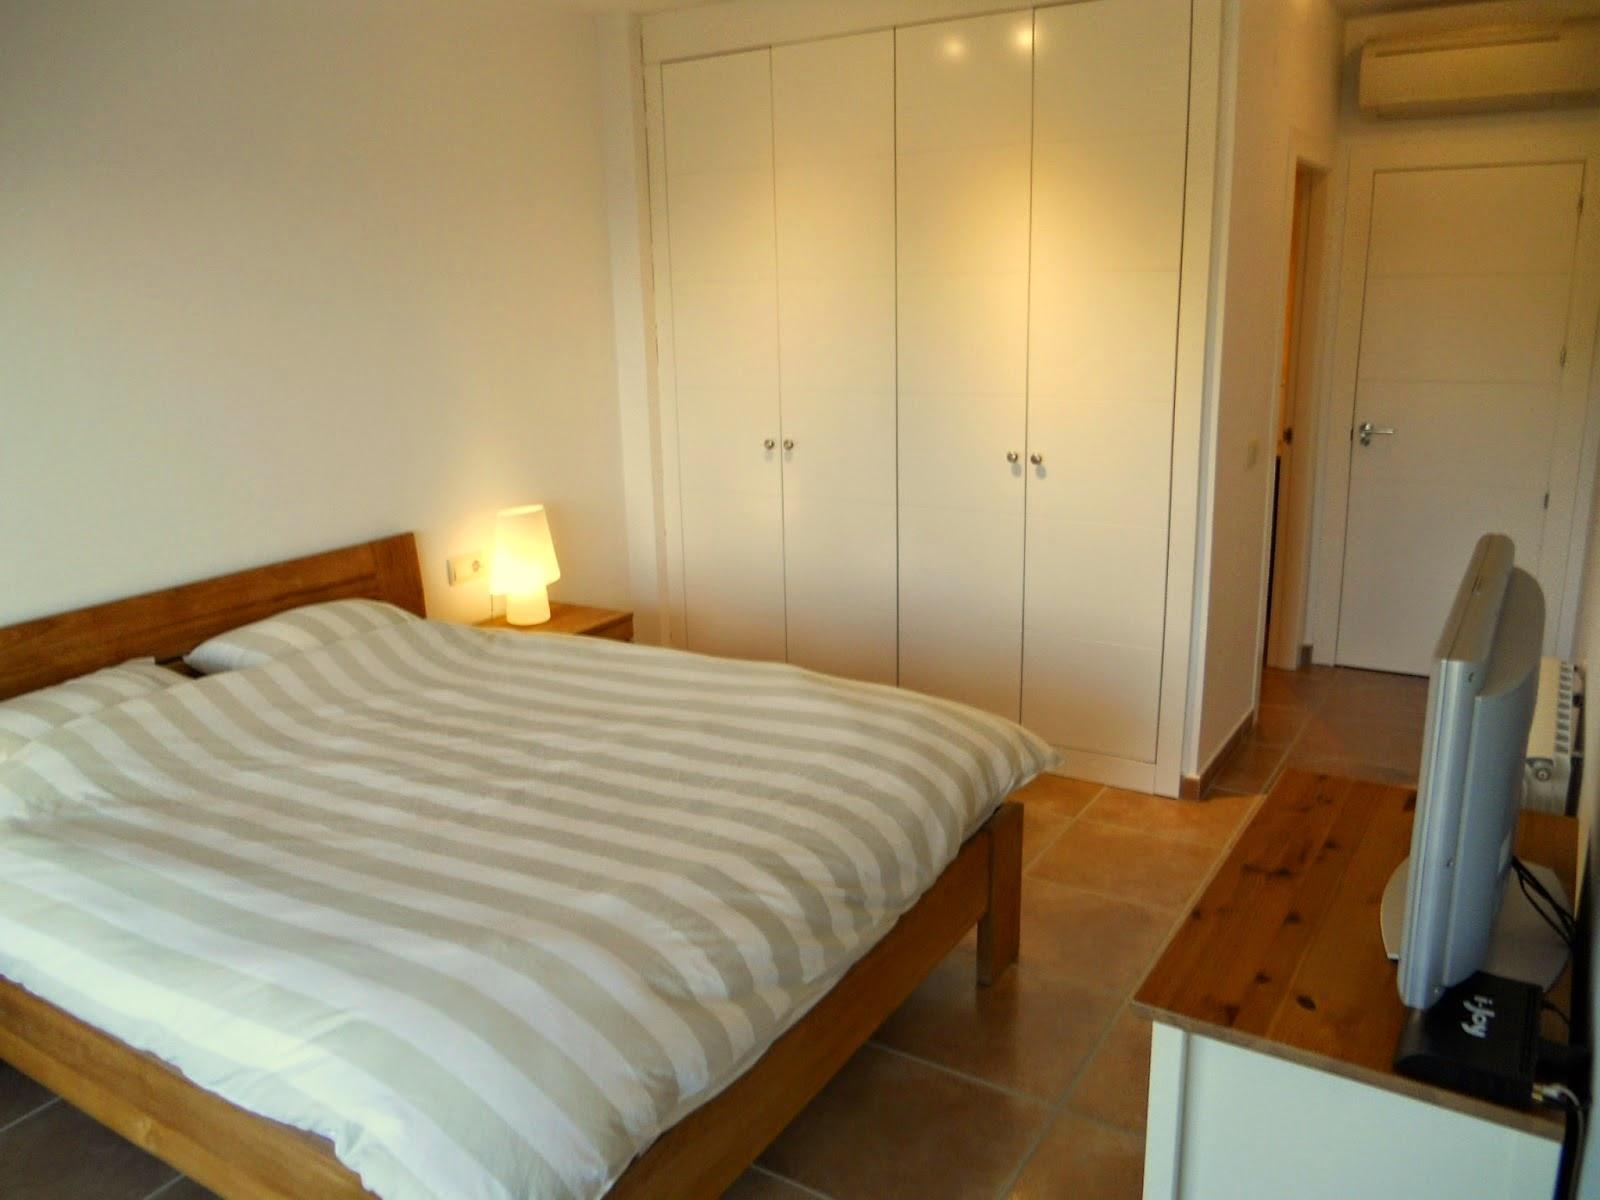 Geniet van uw vakantie in het Spaanse Altea : Slaapkamers en badkamers